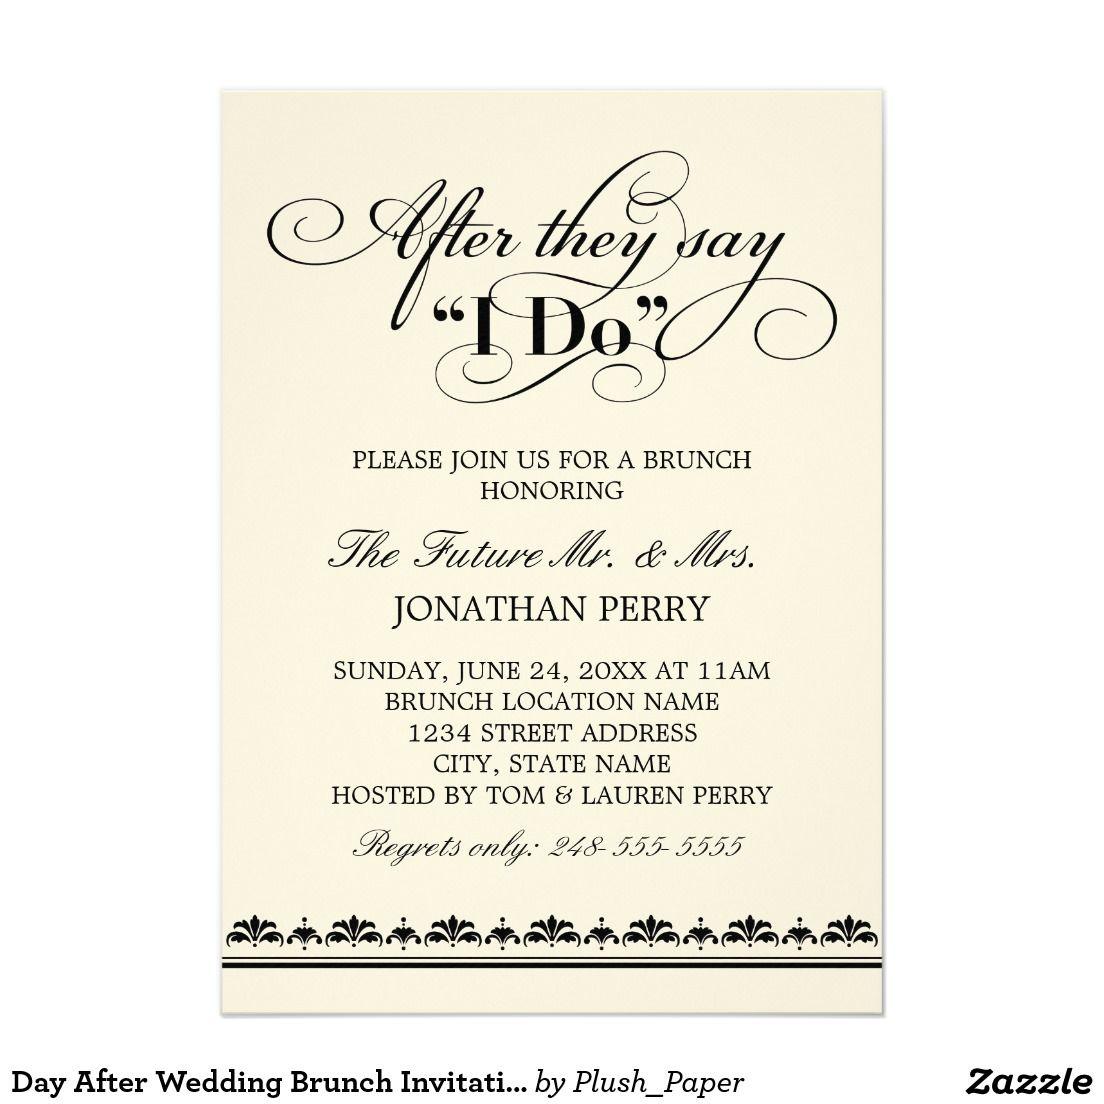 Day After Wedding Brunch Invitation | Wedding Vows | Matt Brunch ...